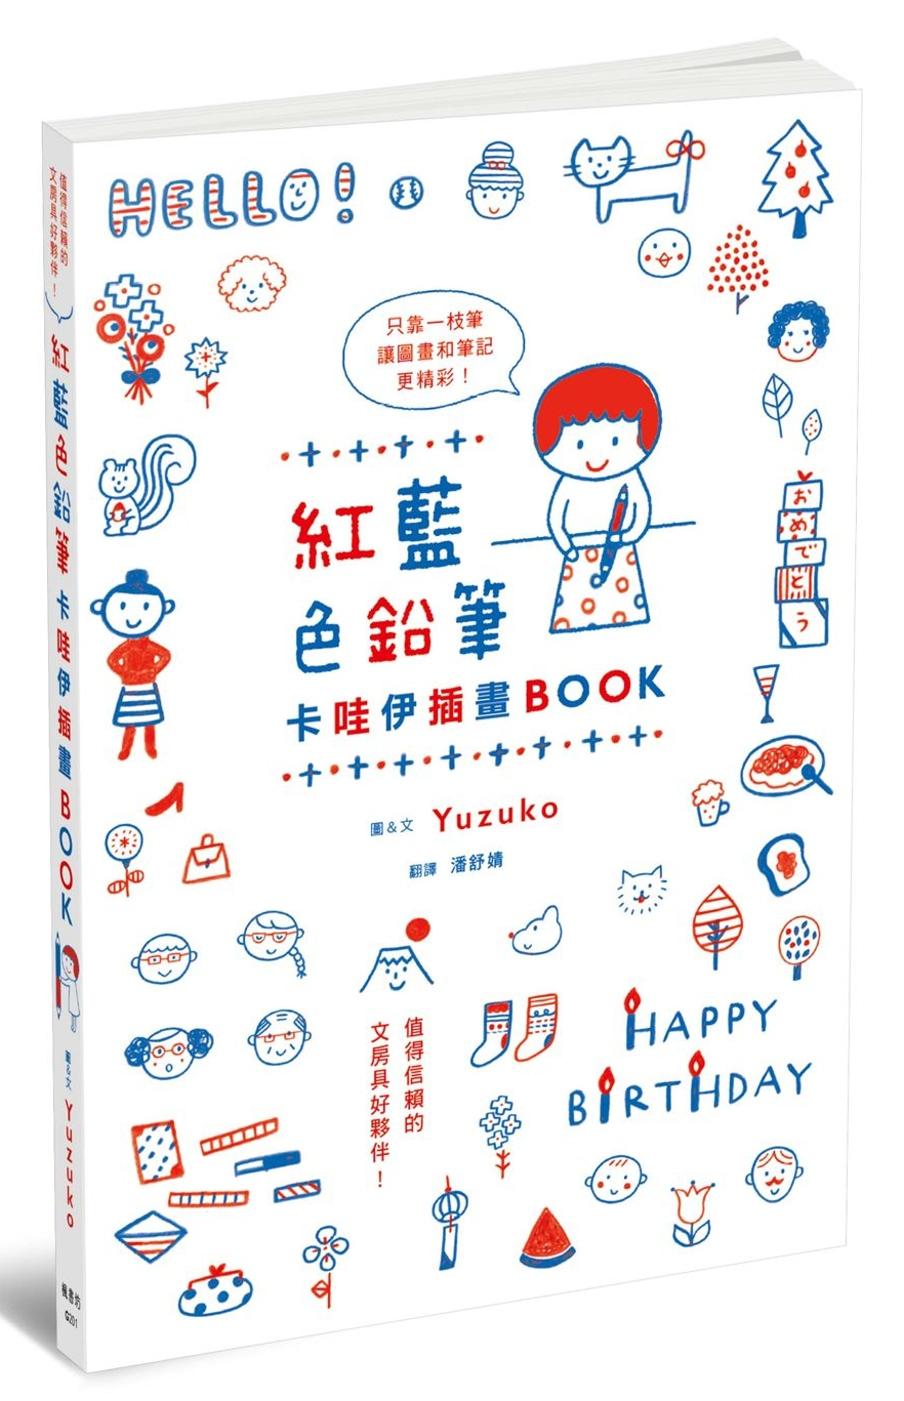 ◤博客來BOOKS◢ 暢銷書榜《推薦》紅藍色鉛筆卡哇伊插畫BOOK